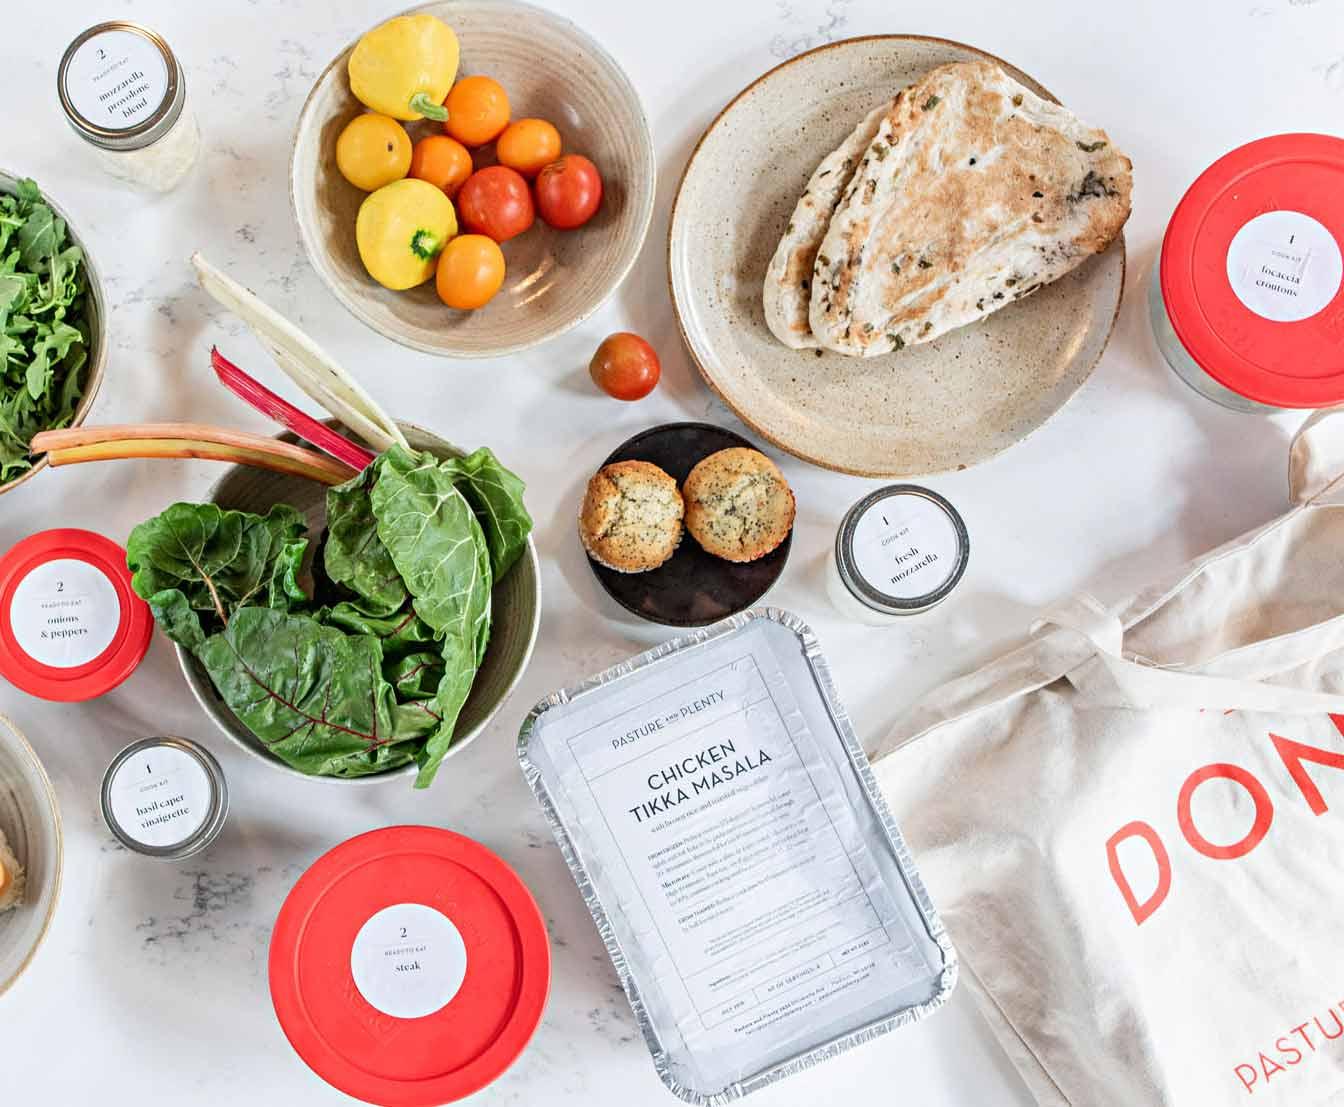 Meal Kit Ingredients